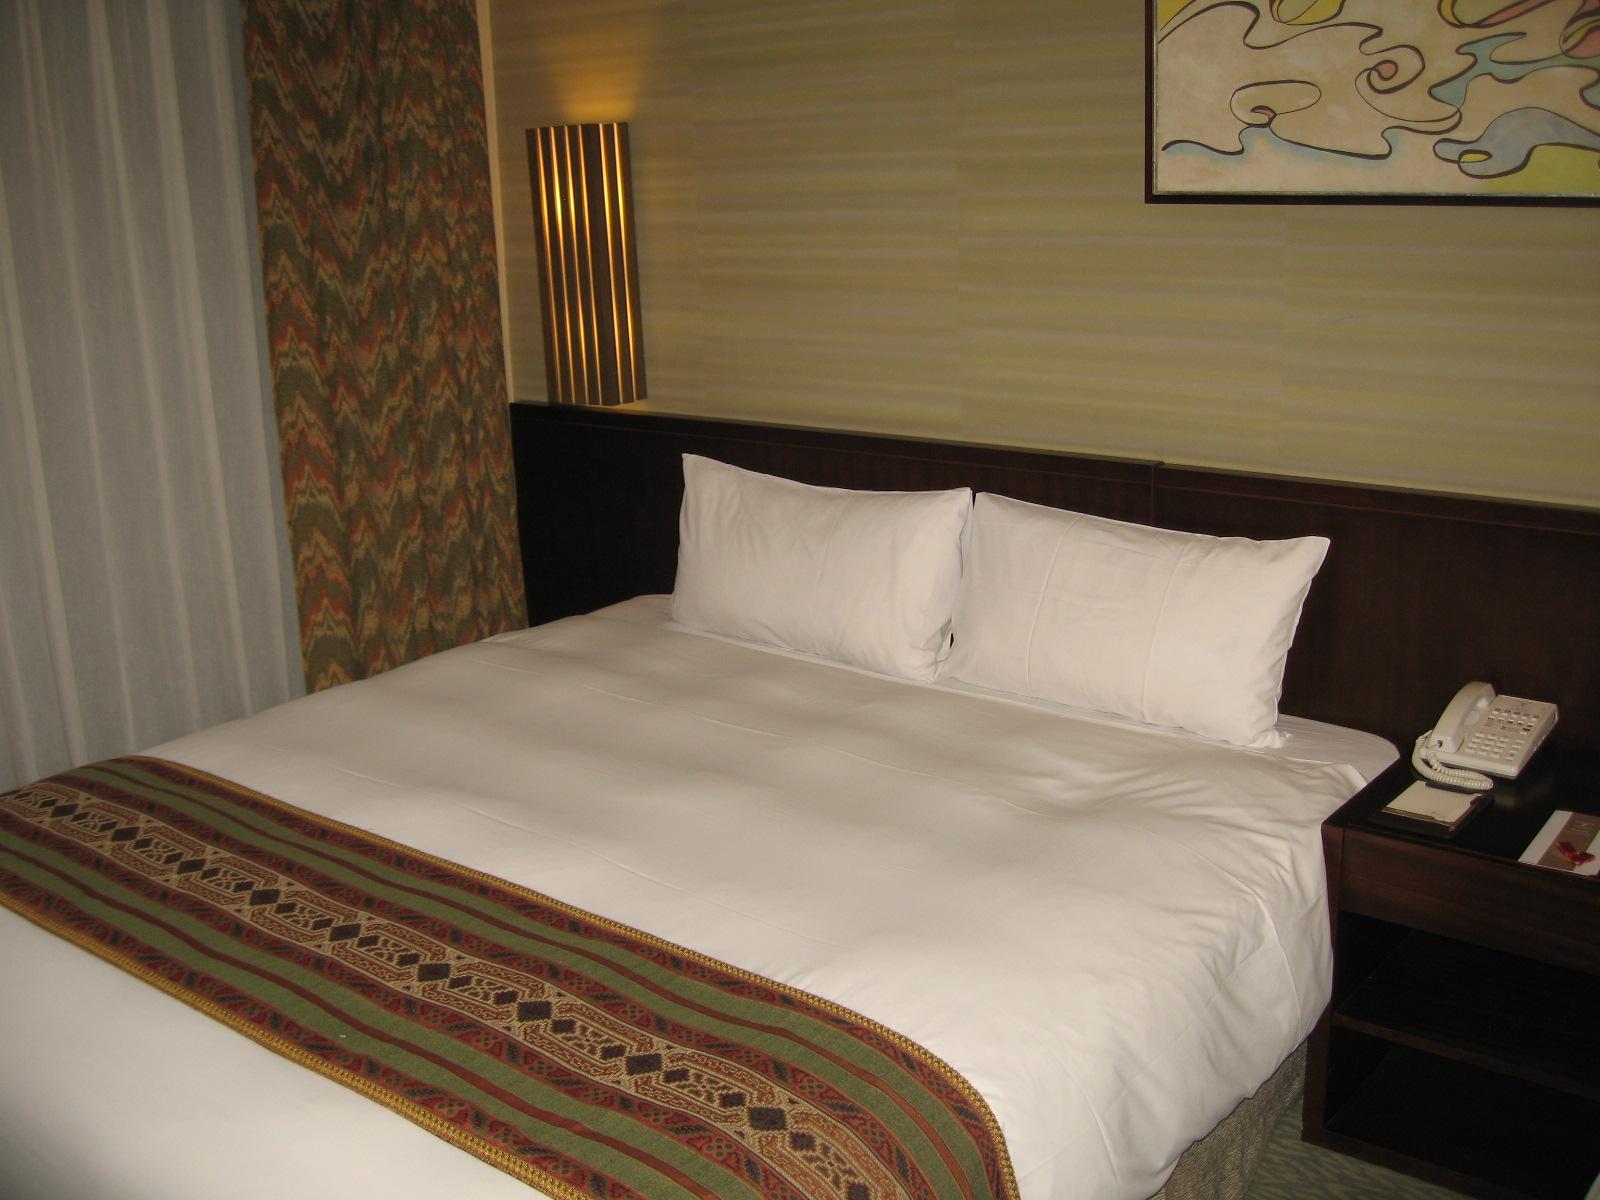 終於到飯店了(嘉義耐斯王子飯店)~好累~口以休息囉.JPG